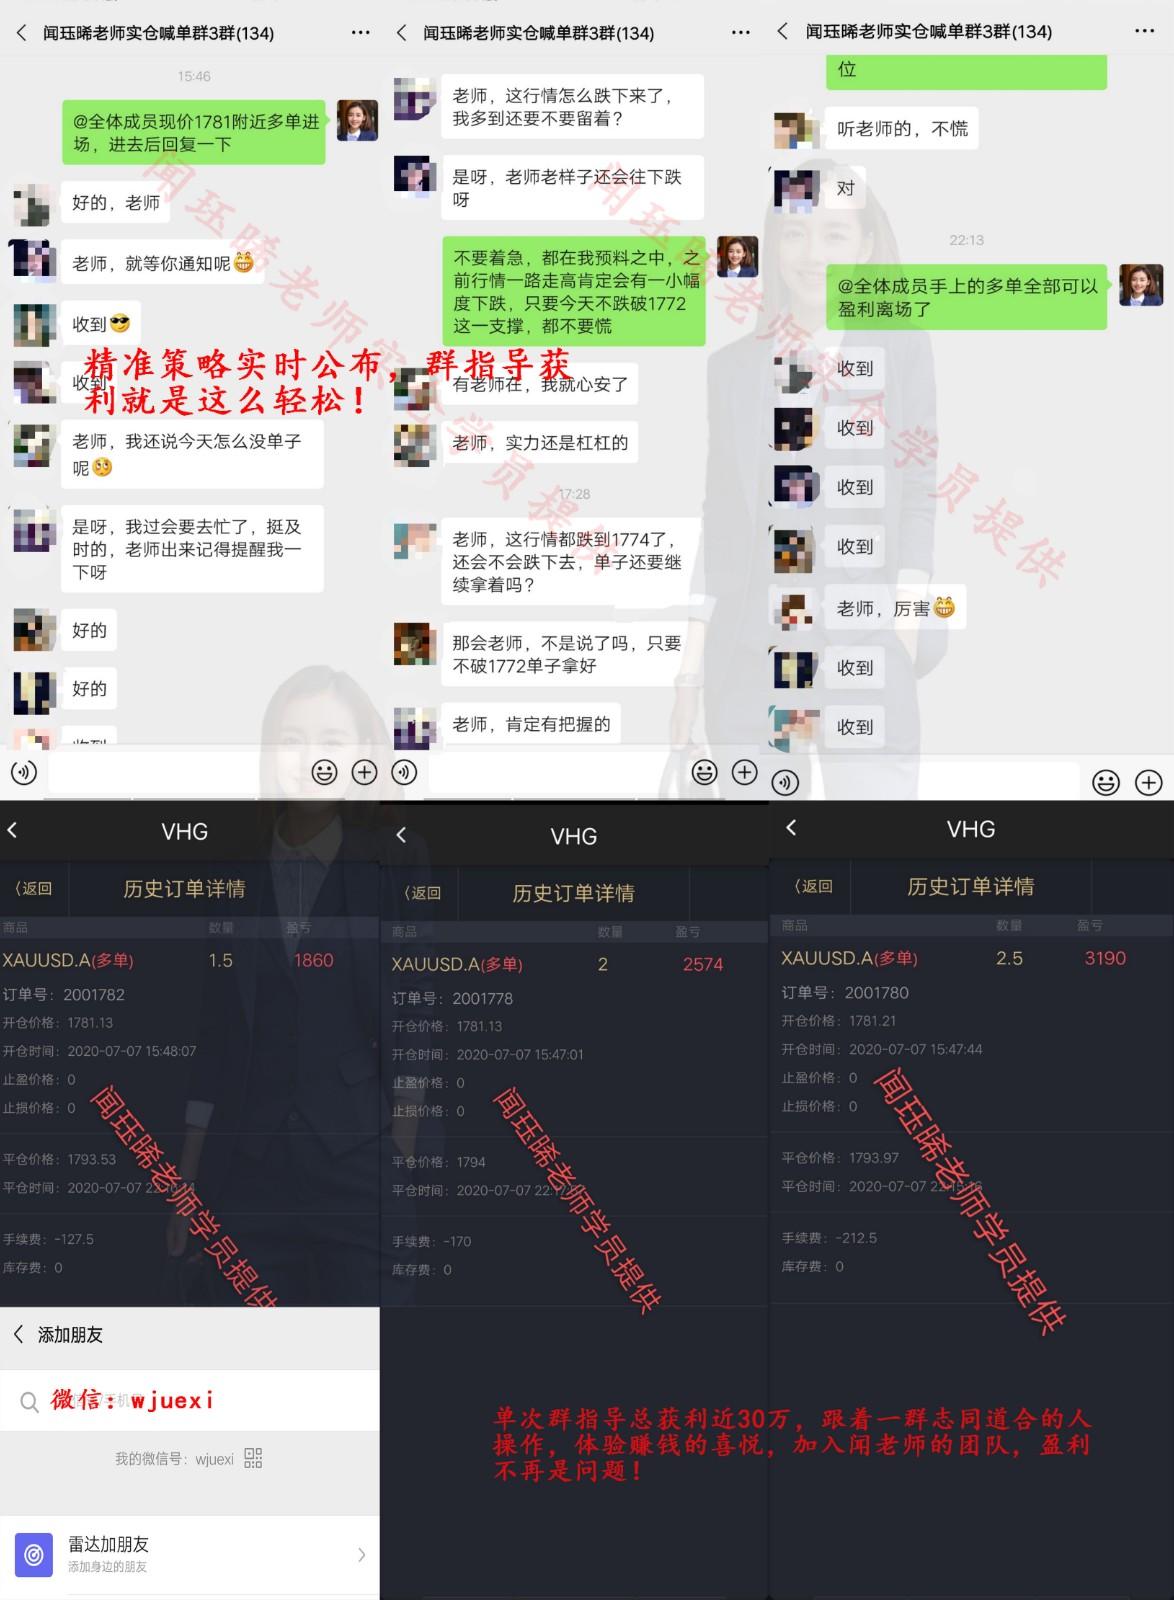 7.8闻珏晞老师群指导获利wjuexi.jpg